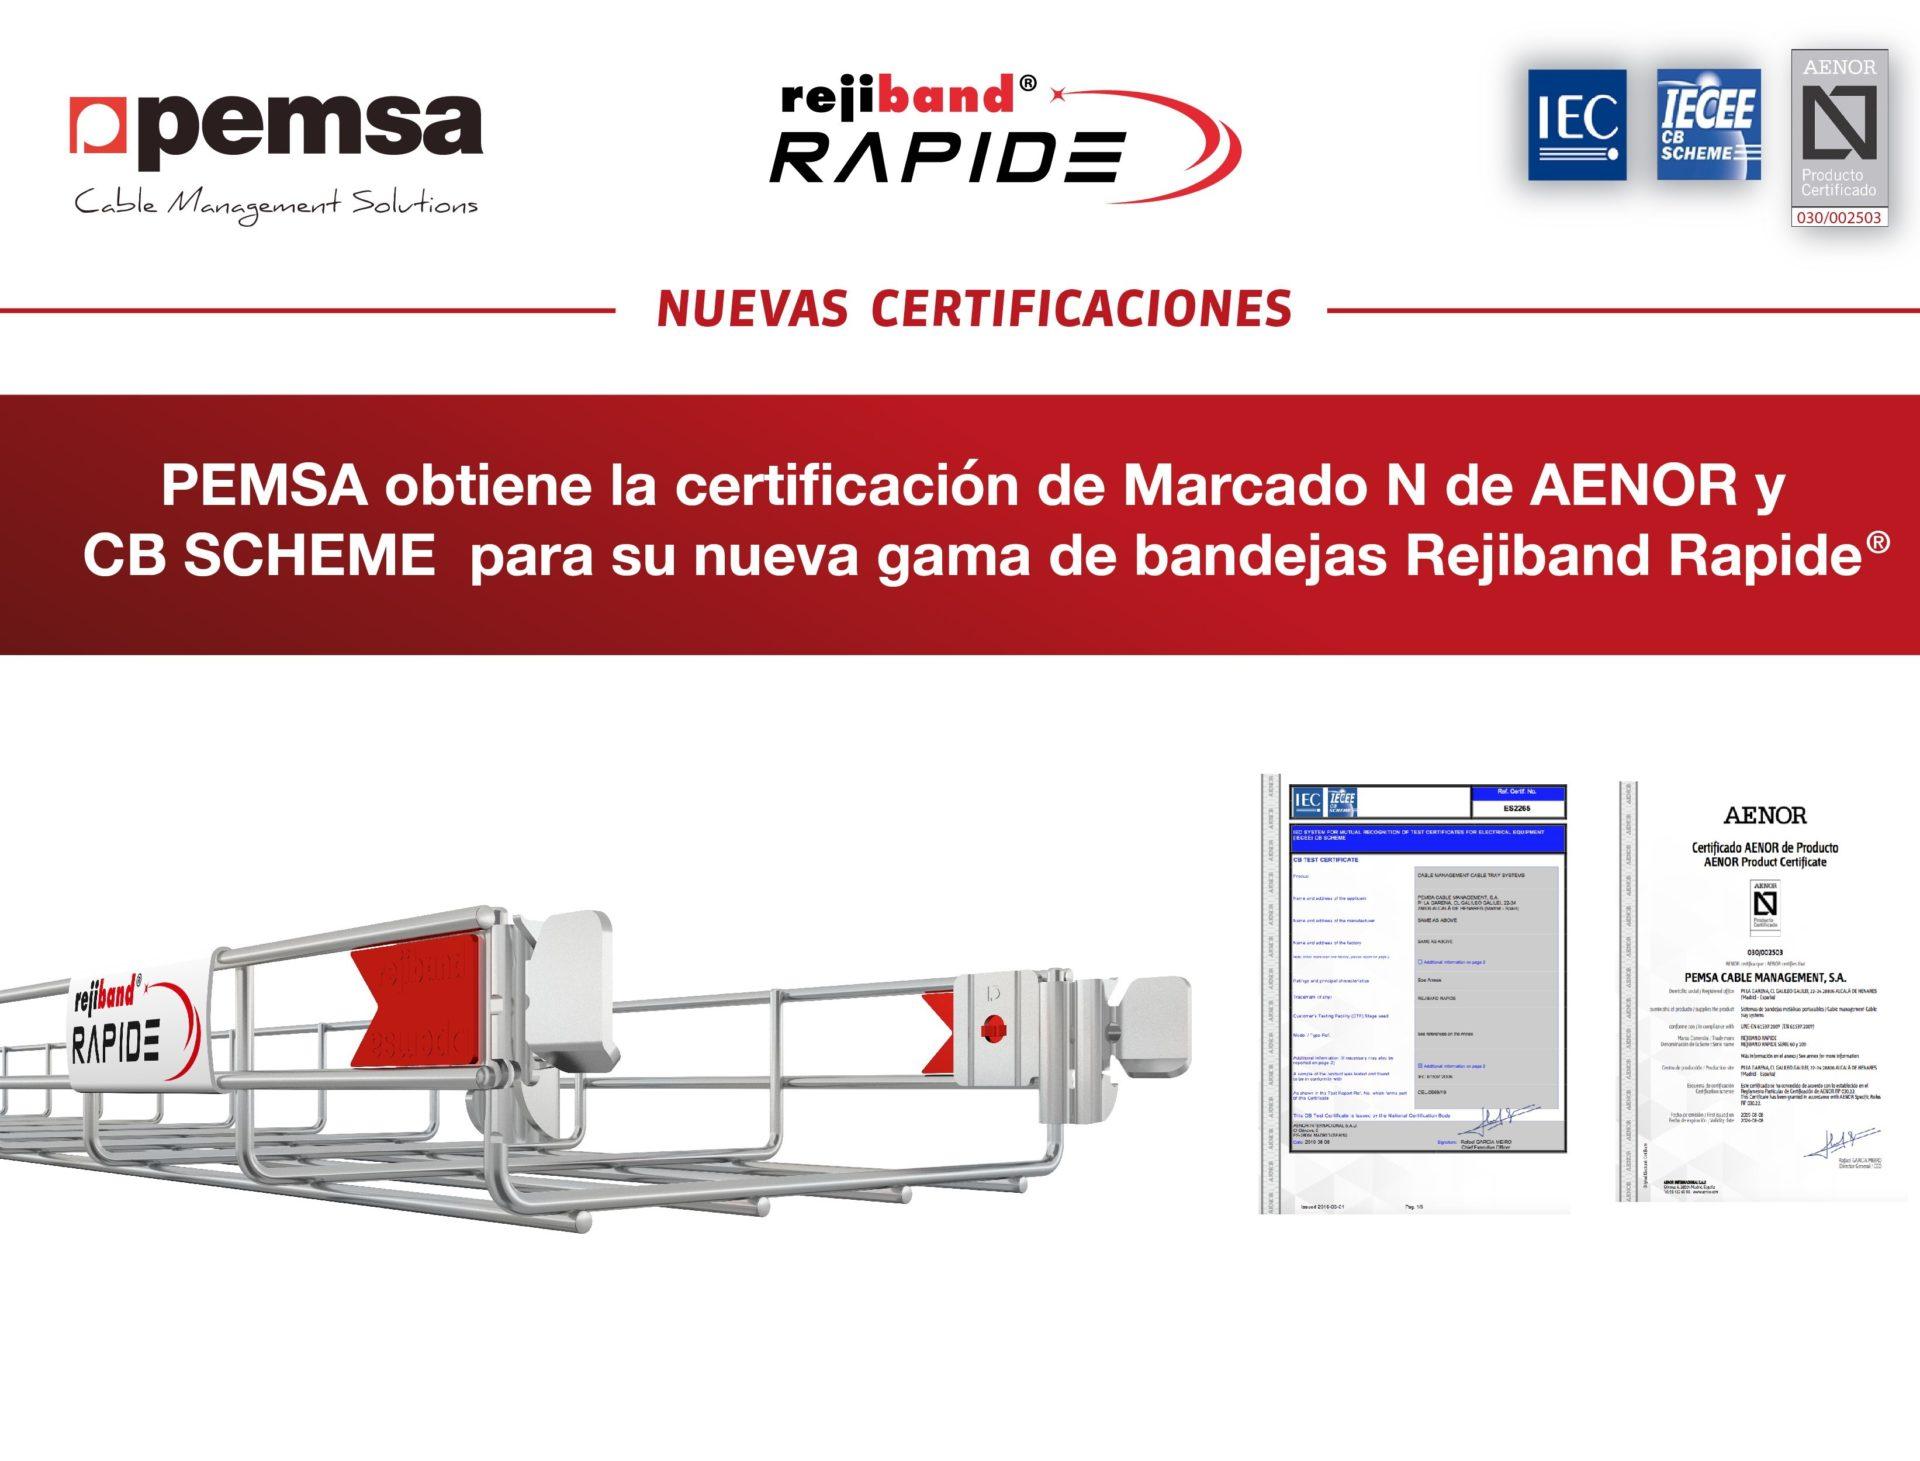 Rejiband Rapide®: Nuevos Certificados Marcado N de Aenor Y CB Scheme de IEC.